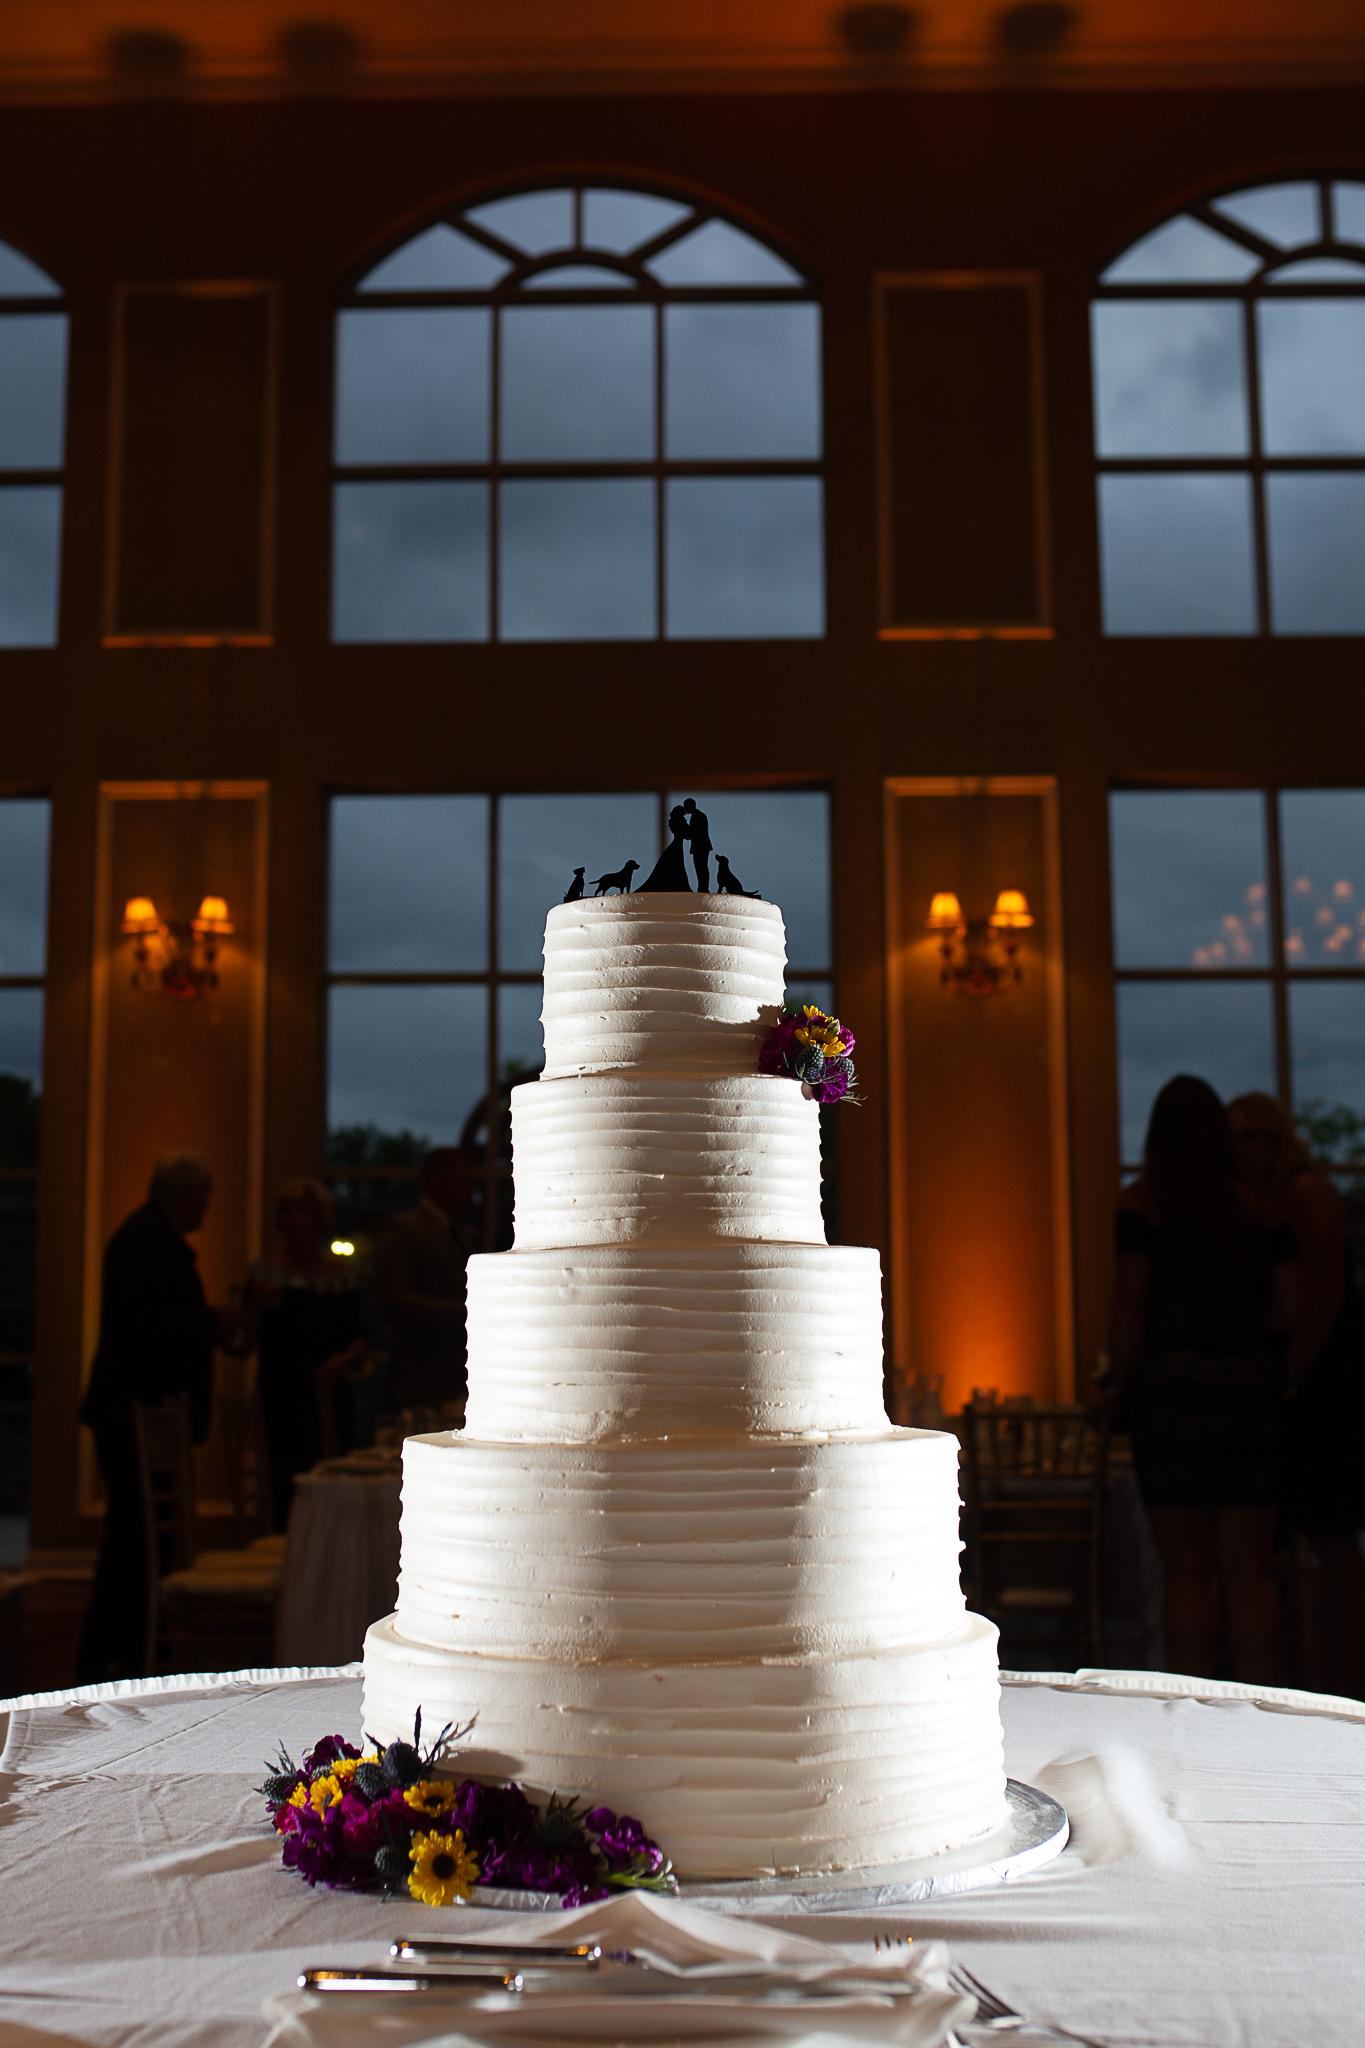 detail shot of wedding cake